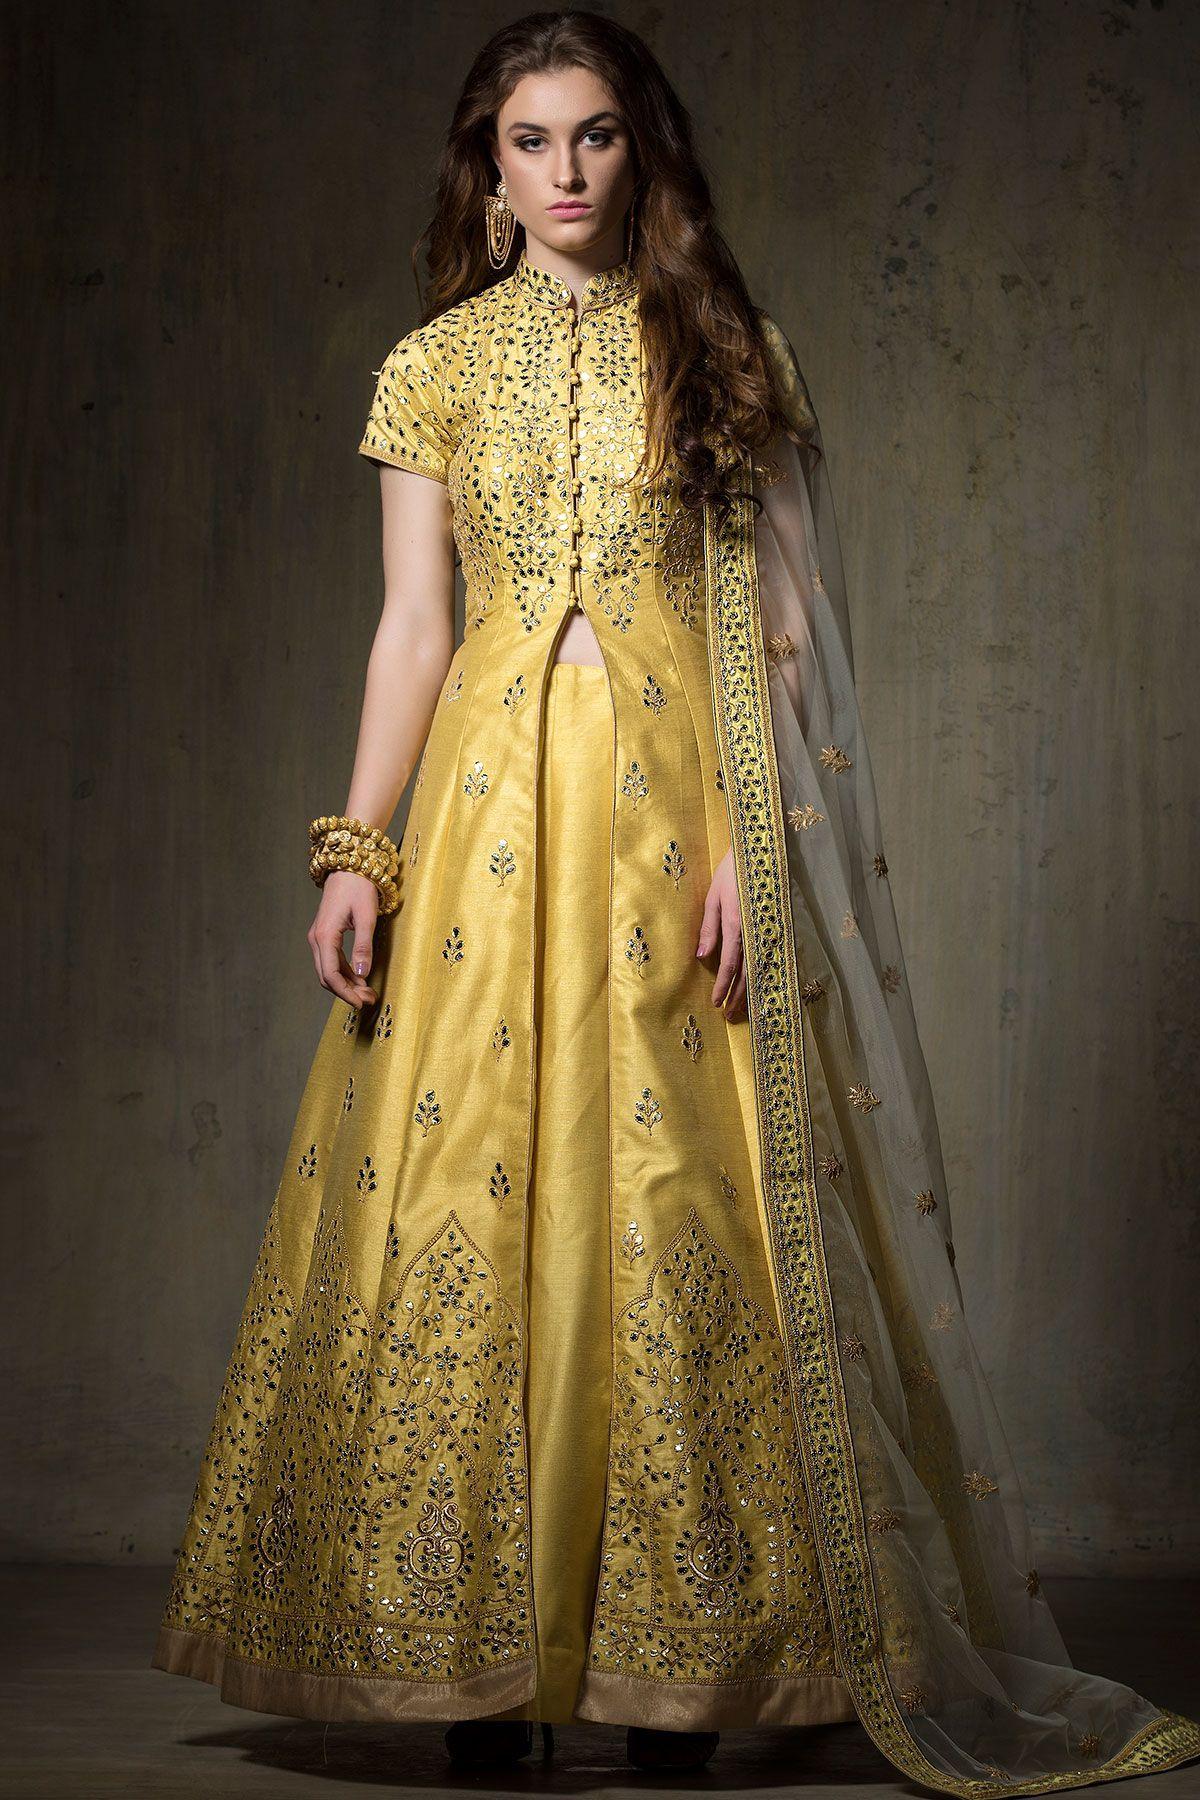 02587c5fb84 Buy Yellow Zari Embroidered Raw Silk Jacket Lehenga Online